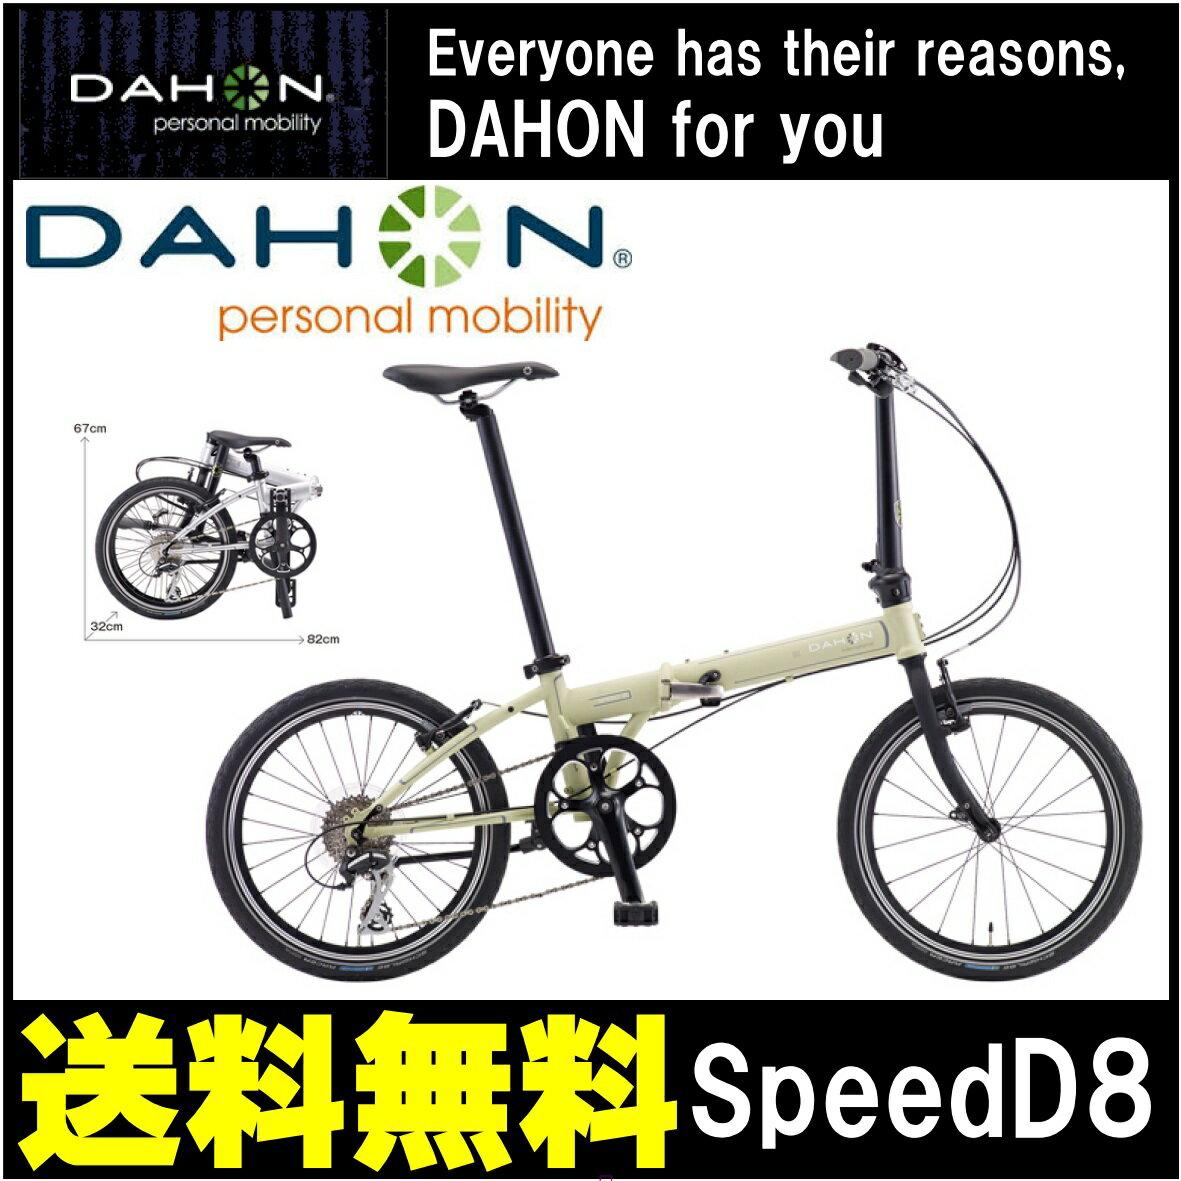 2台セット販売【送料無料 折りたたみ自転車 DAHON Speed D8 ダホン 自転車】ミストグリーン 緑色 【20インチ 折りたたみ自転車 外装8段変速ギア】Mist Green ダホン 折りたたみ自転車 DAHON スピード D8 DAHON ダホン 折りたたみ自転車 高い機能とグッドスタイリングが身上のスピードD8の堅牢なクロモリフレームと精密なステアリング、快適性を追求したタイヤ。